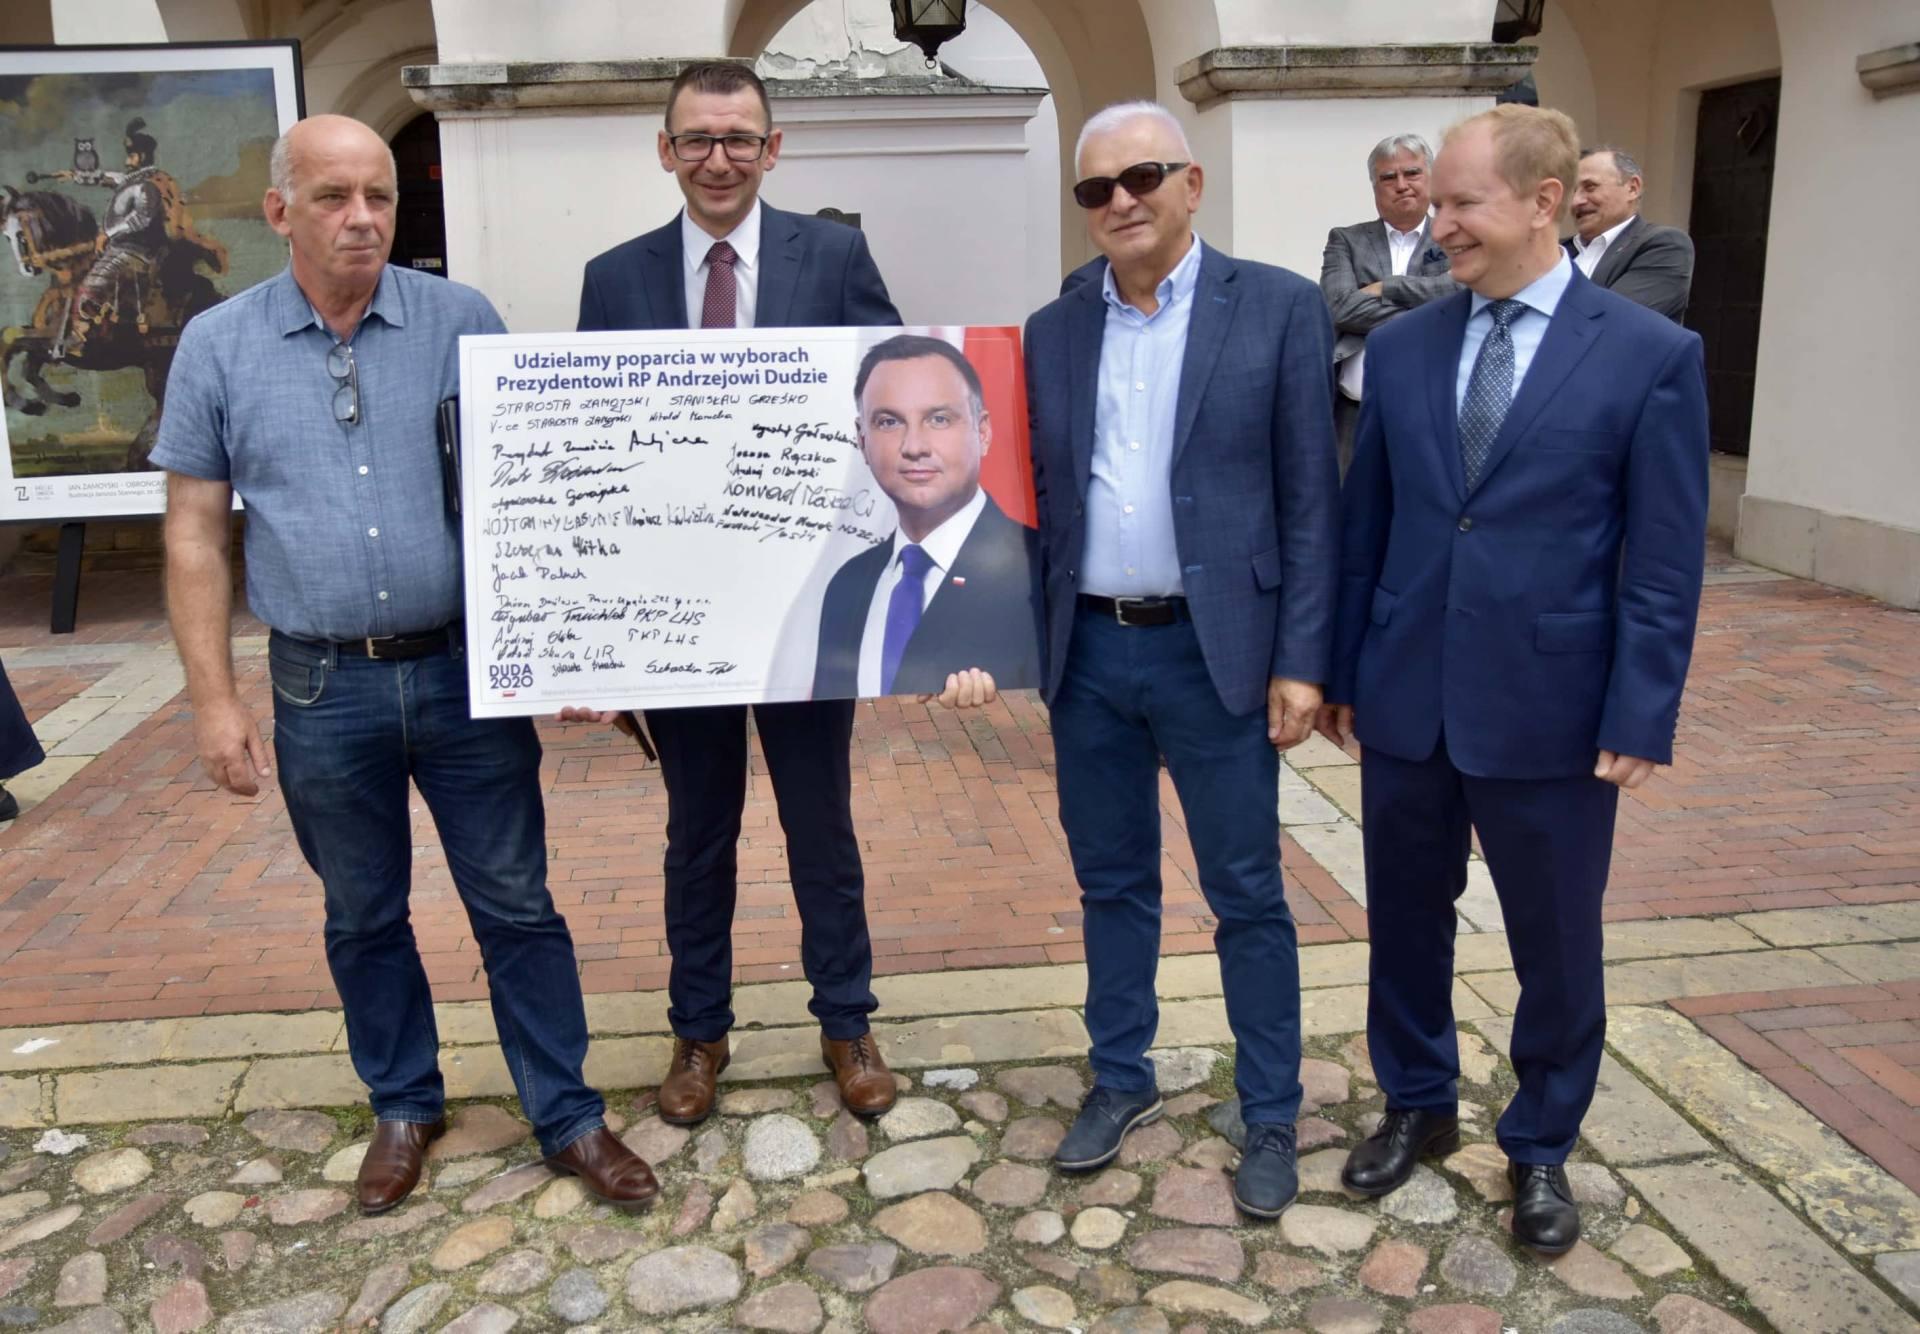 dsc 7816 Zamość: Udzielili poparcia prezydentowi Andrzejowi Dudzie